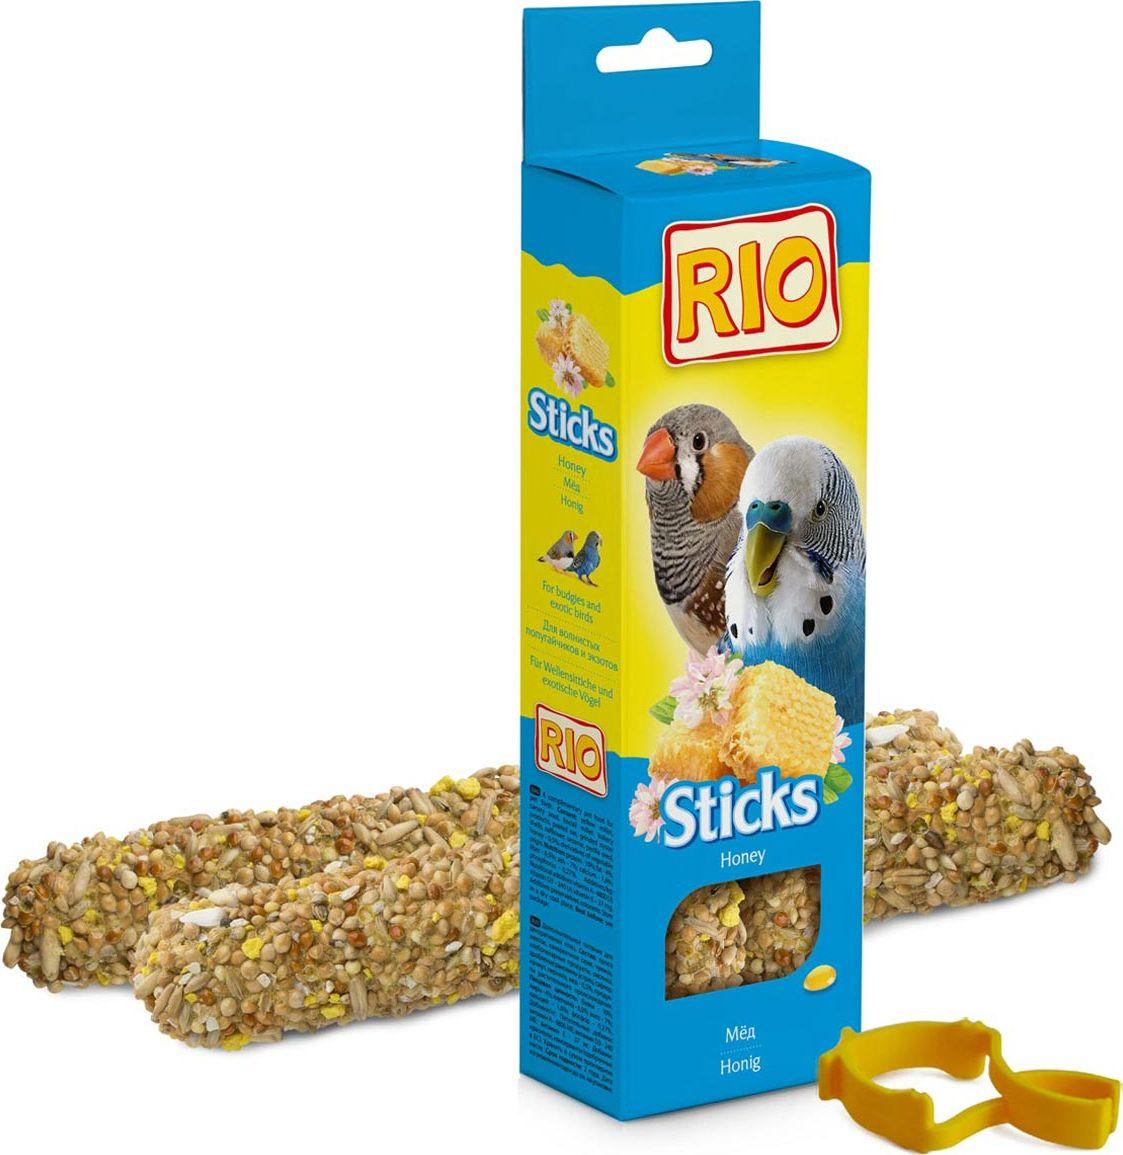 Лакомство для волнистых попугайчиков и экзотов RIO Sticks, с медом, 2 х 40 г0120710Лакомство RIO Sticks с медом - это дополнительное питание для волнистых попугайчиков и экзотов. В процессе производства палочки запекают в специальных печах особым способом, это обеспечивает превосходный вкус и хрустящую консистенцию.Лакомство имеет буковый стержень, который отлично подходит для чистки клюва.В комплект входит съемный держатель.Товар сертифицирован.